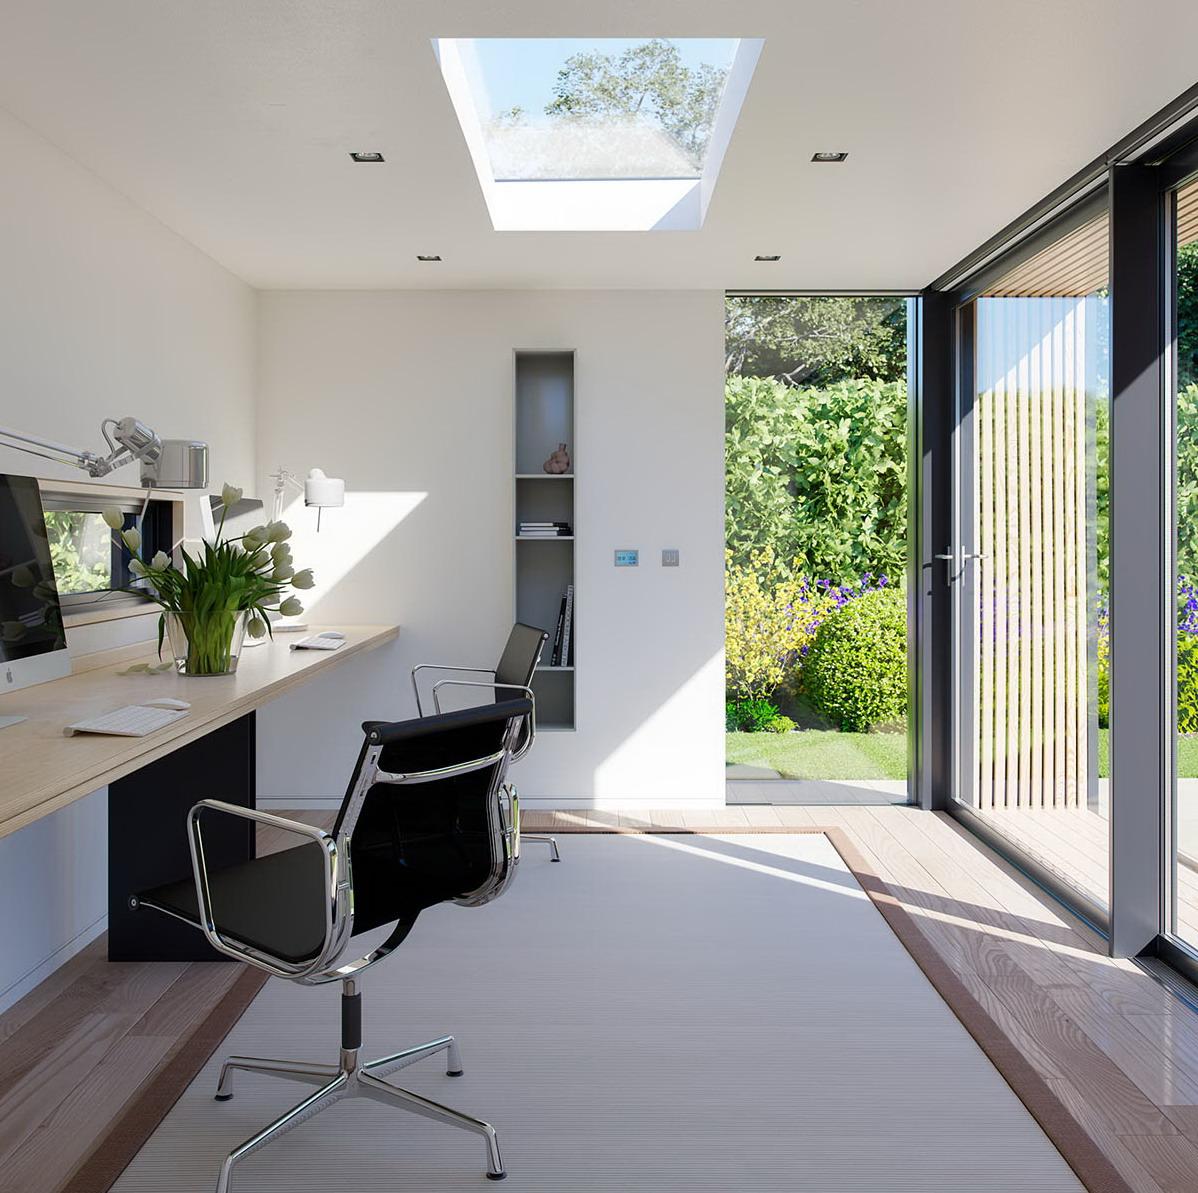 Desain Rumah Minimalis Modern Kemewahan Sederhana